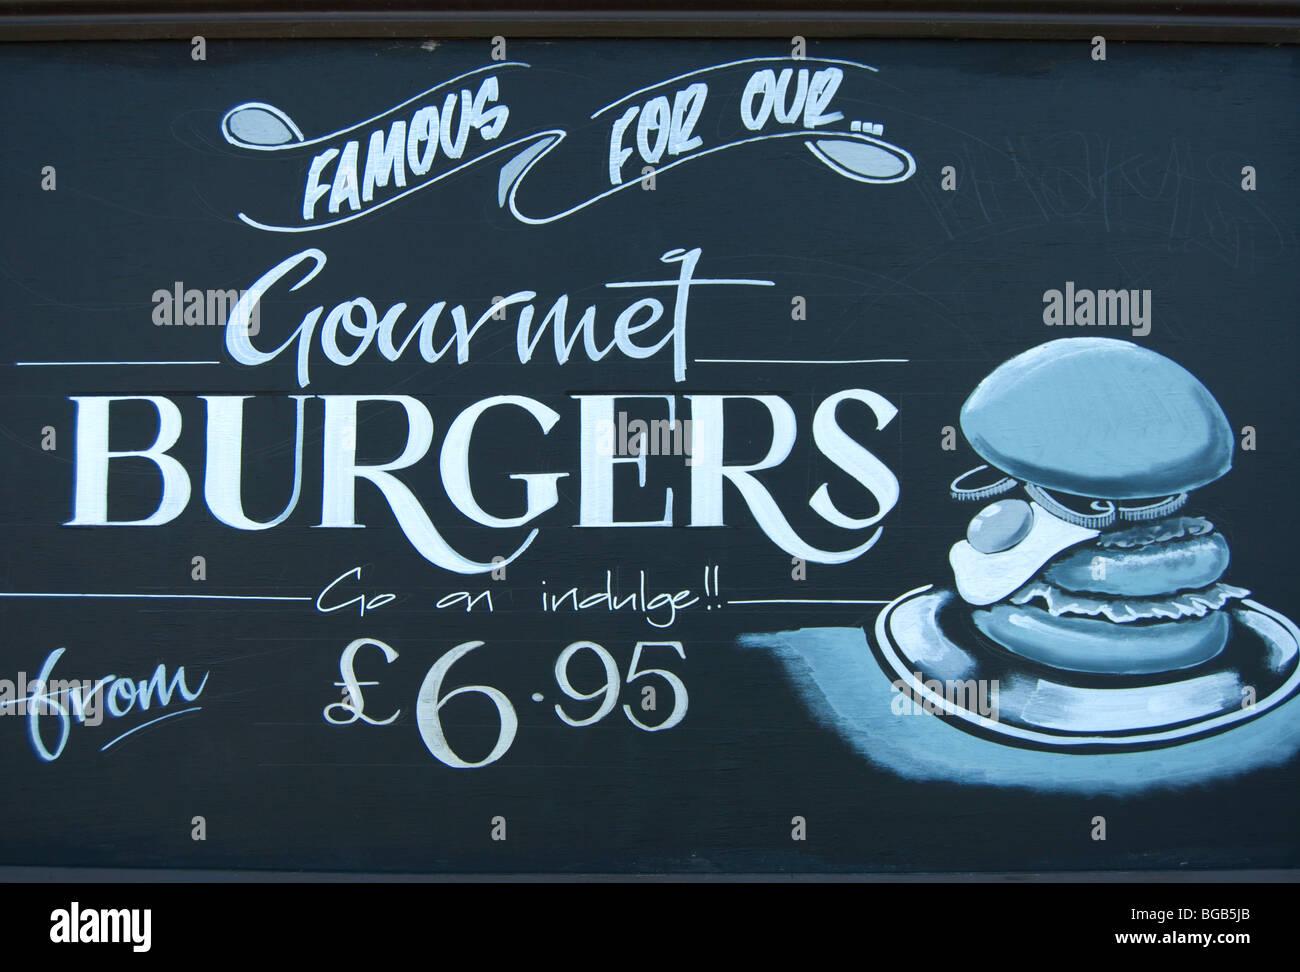 Burger House Stock Photos & Burger House Stock Images - Alamy